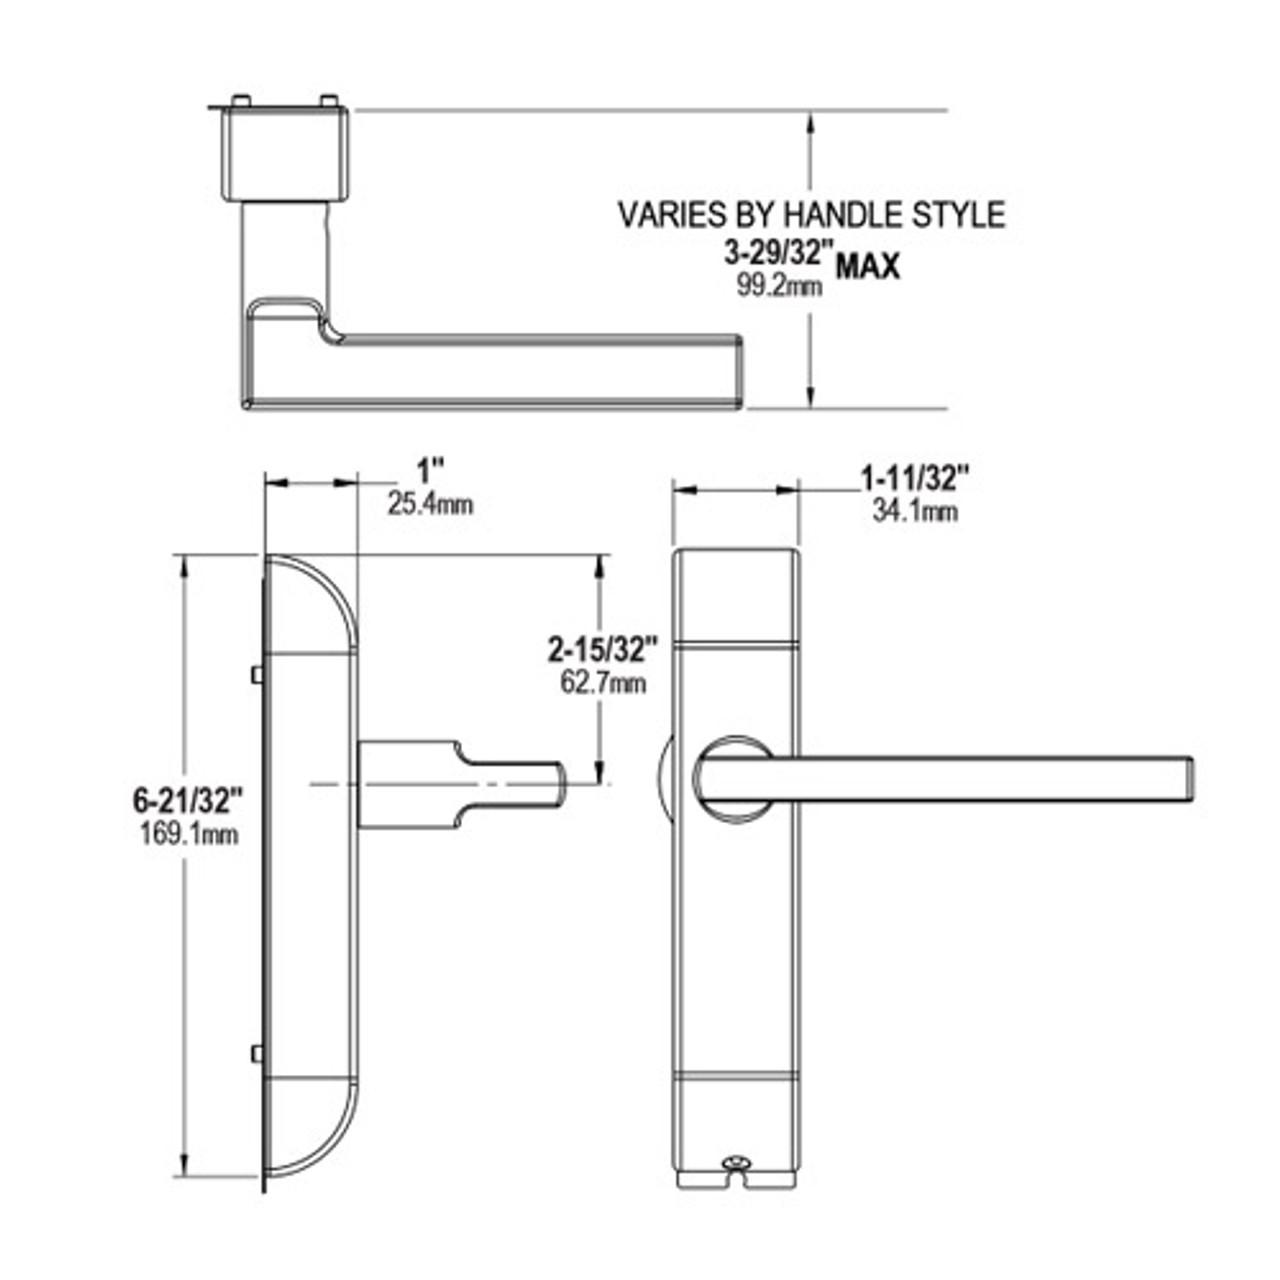 4600-MJ-621-US4 Adams Rite MJ Designer handle Dimensional View